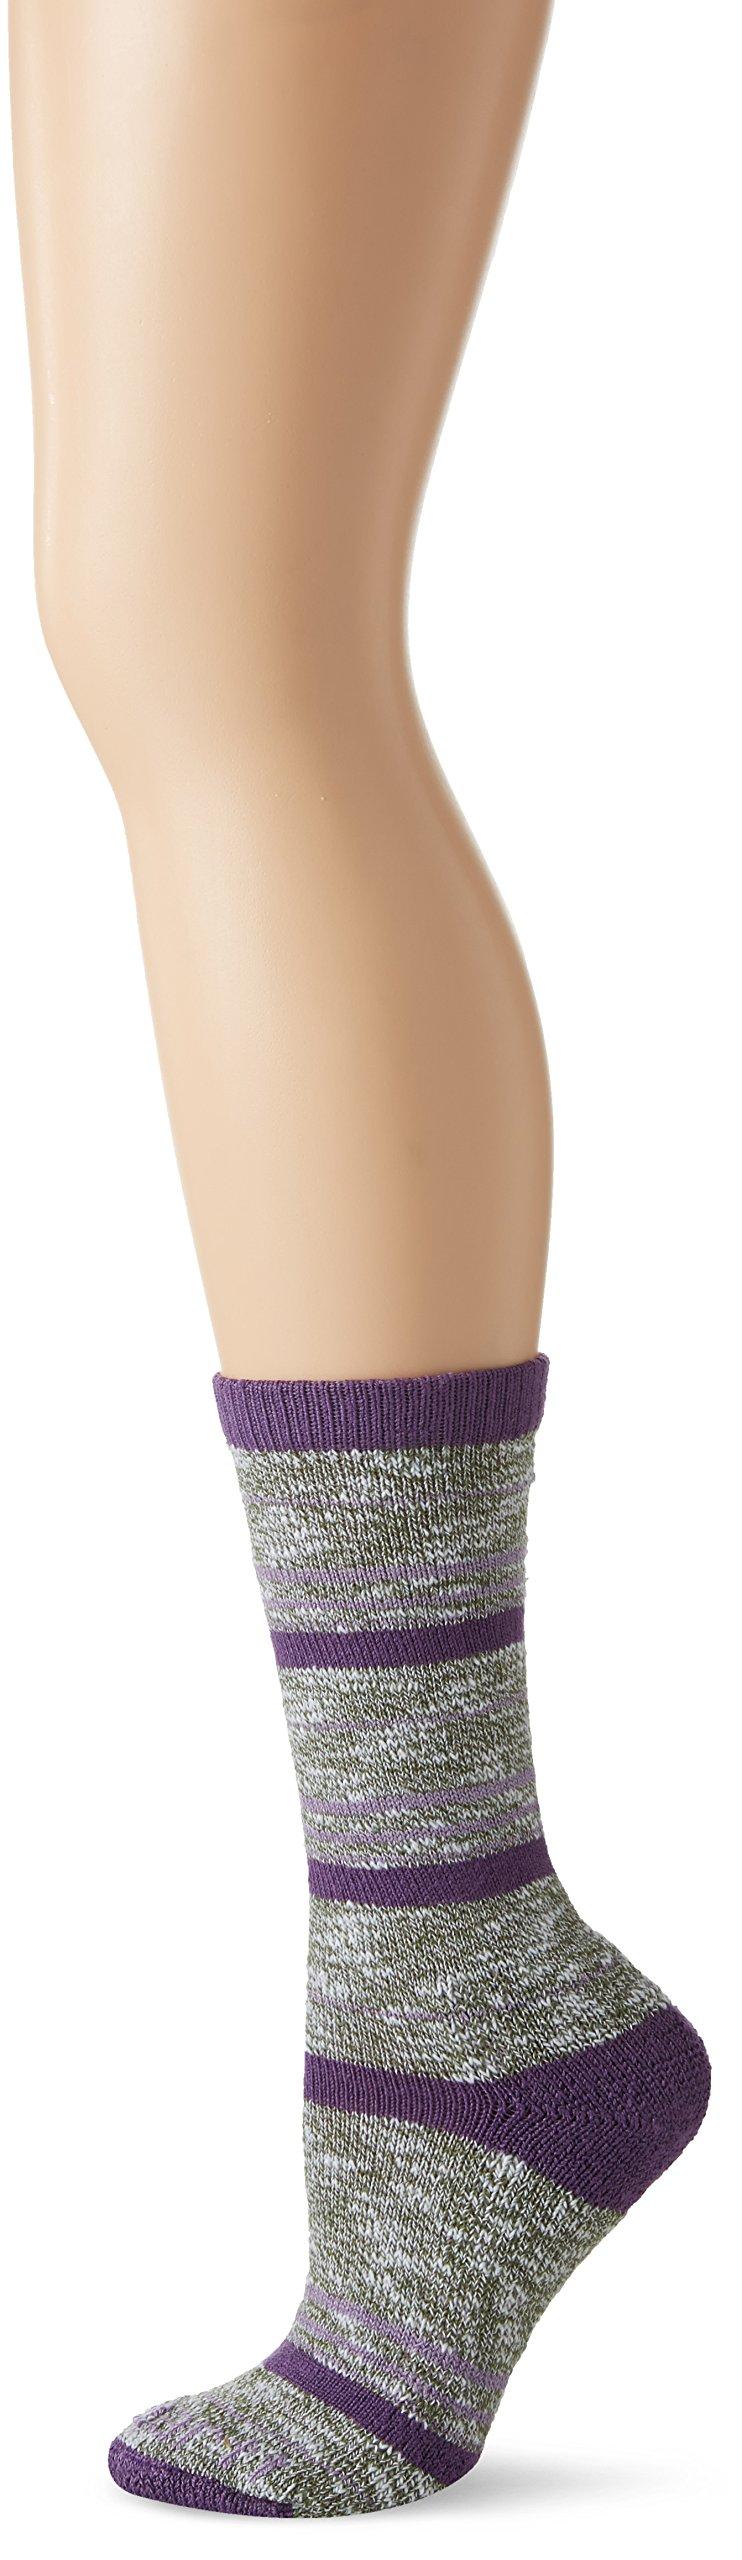 Carhartt Women's Merino Wool Blend Slub Stripe Socks, Grey, Shoe: 5.5-11.5